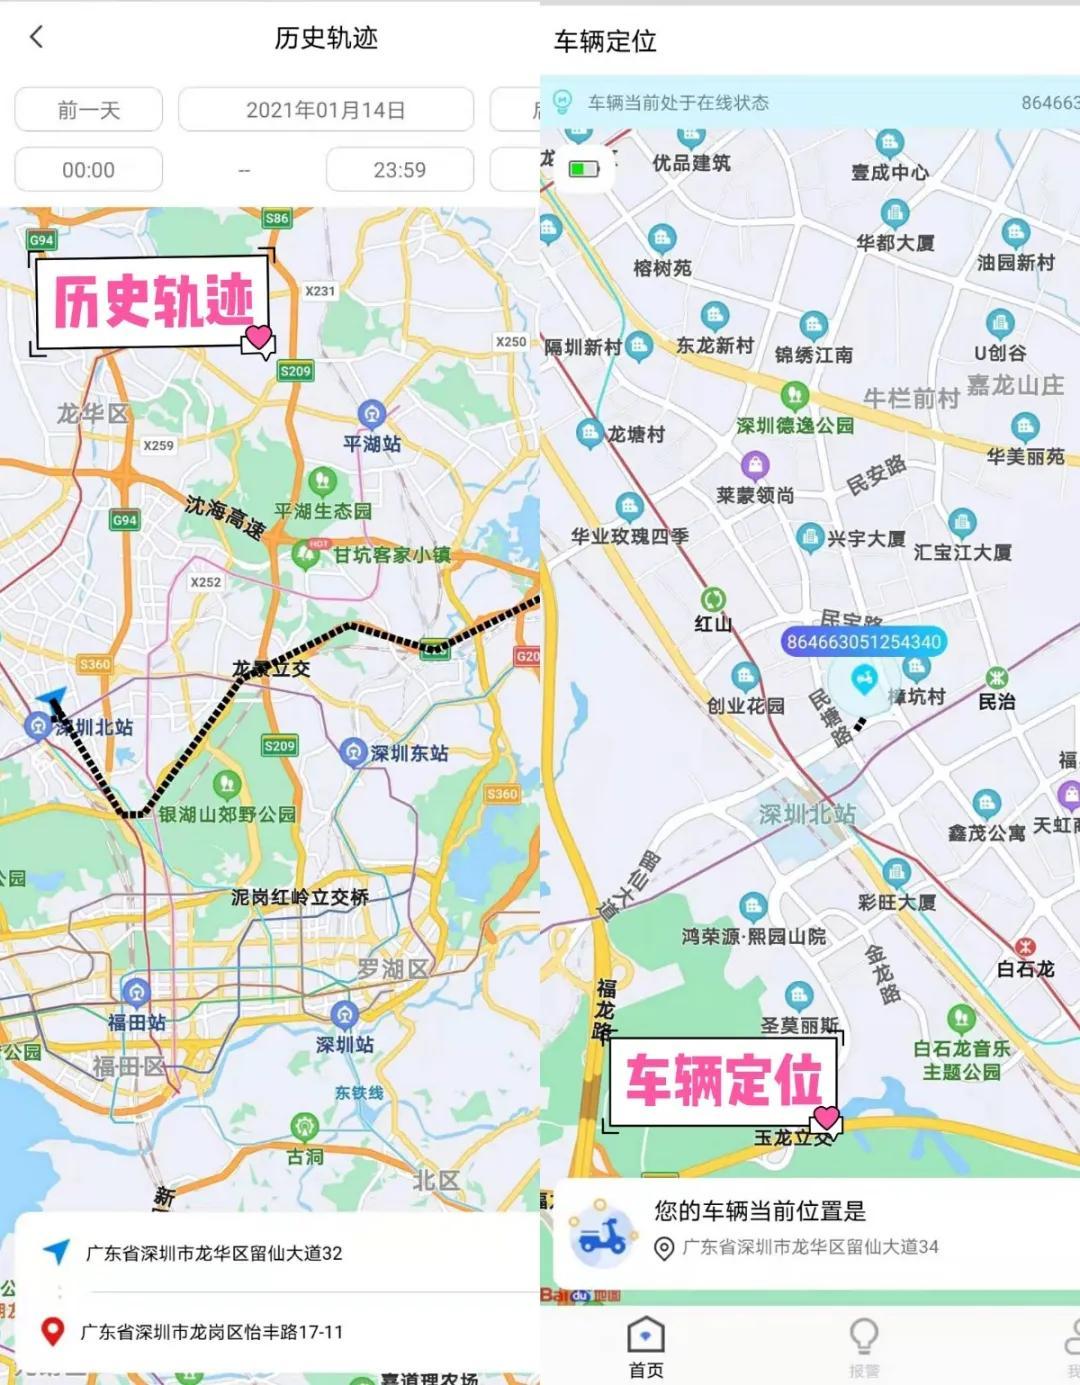 NB+GPS解决PCBA+后台SaaS+App小程序方案